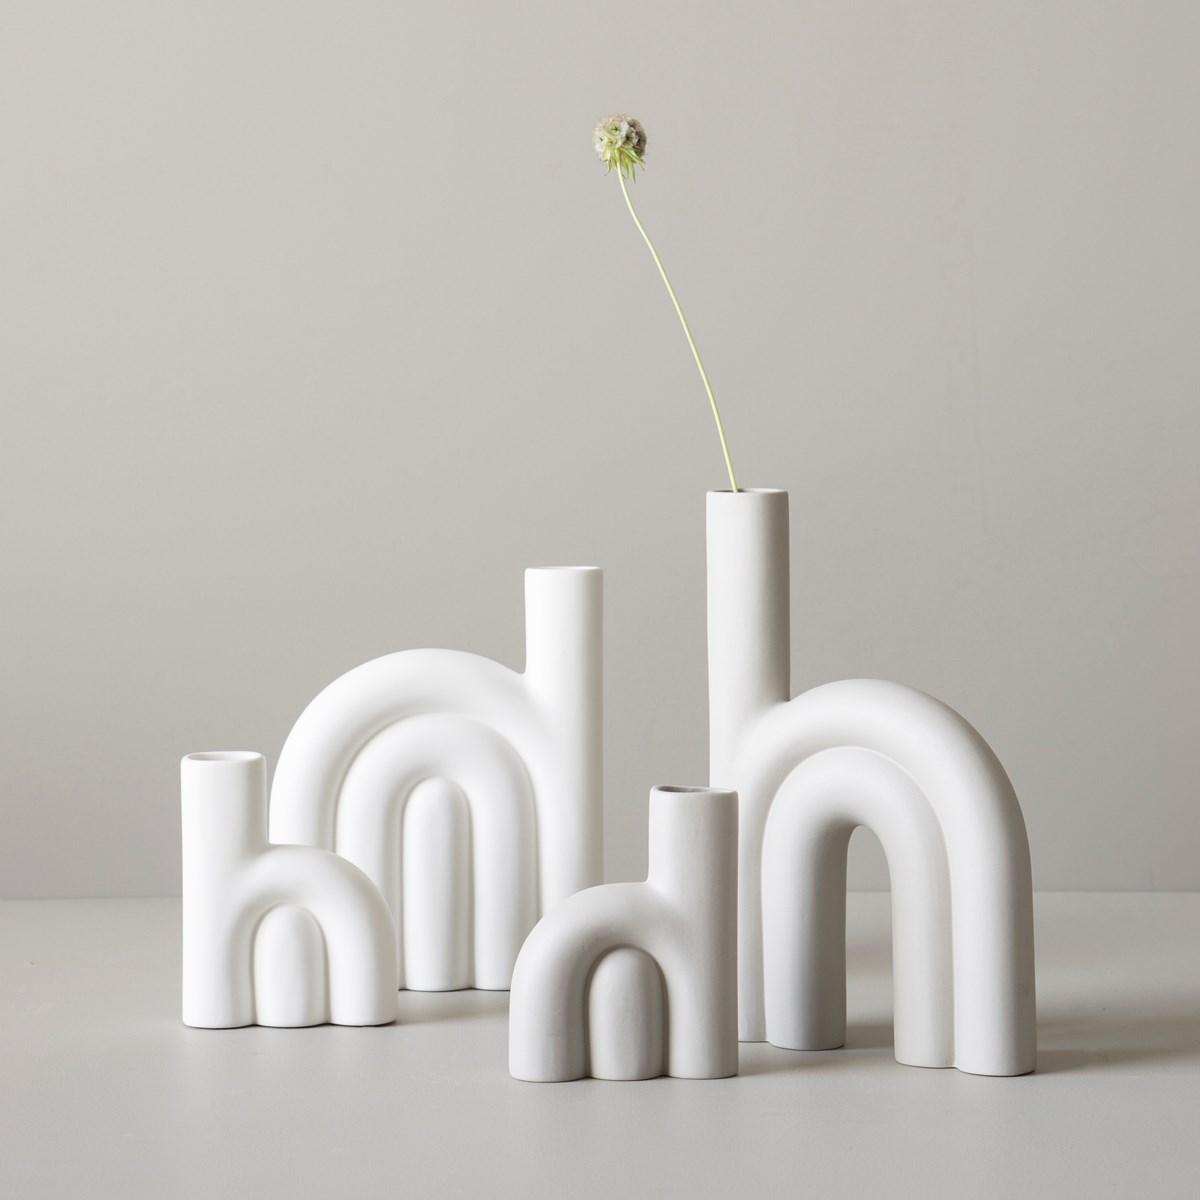 DBKD ROPE フラワーベース 30cm ホワイト 花瓶 北欧 スウェーデン